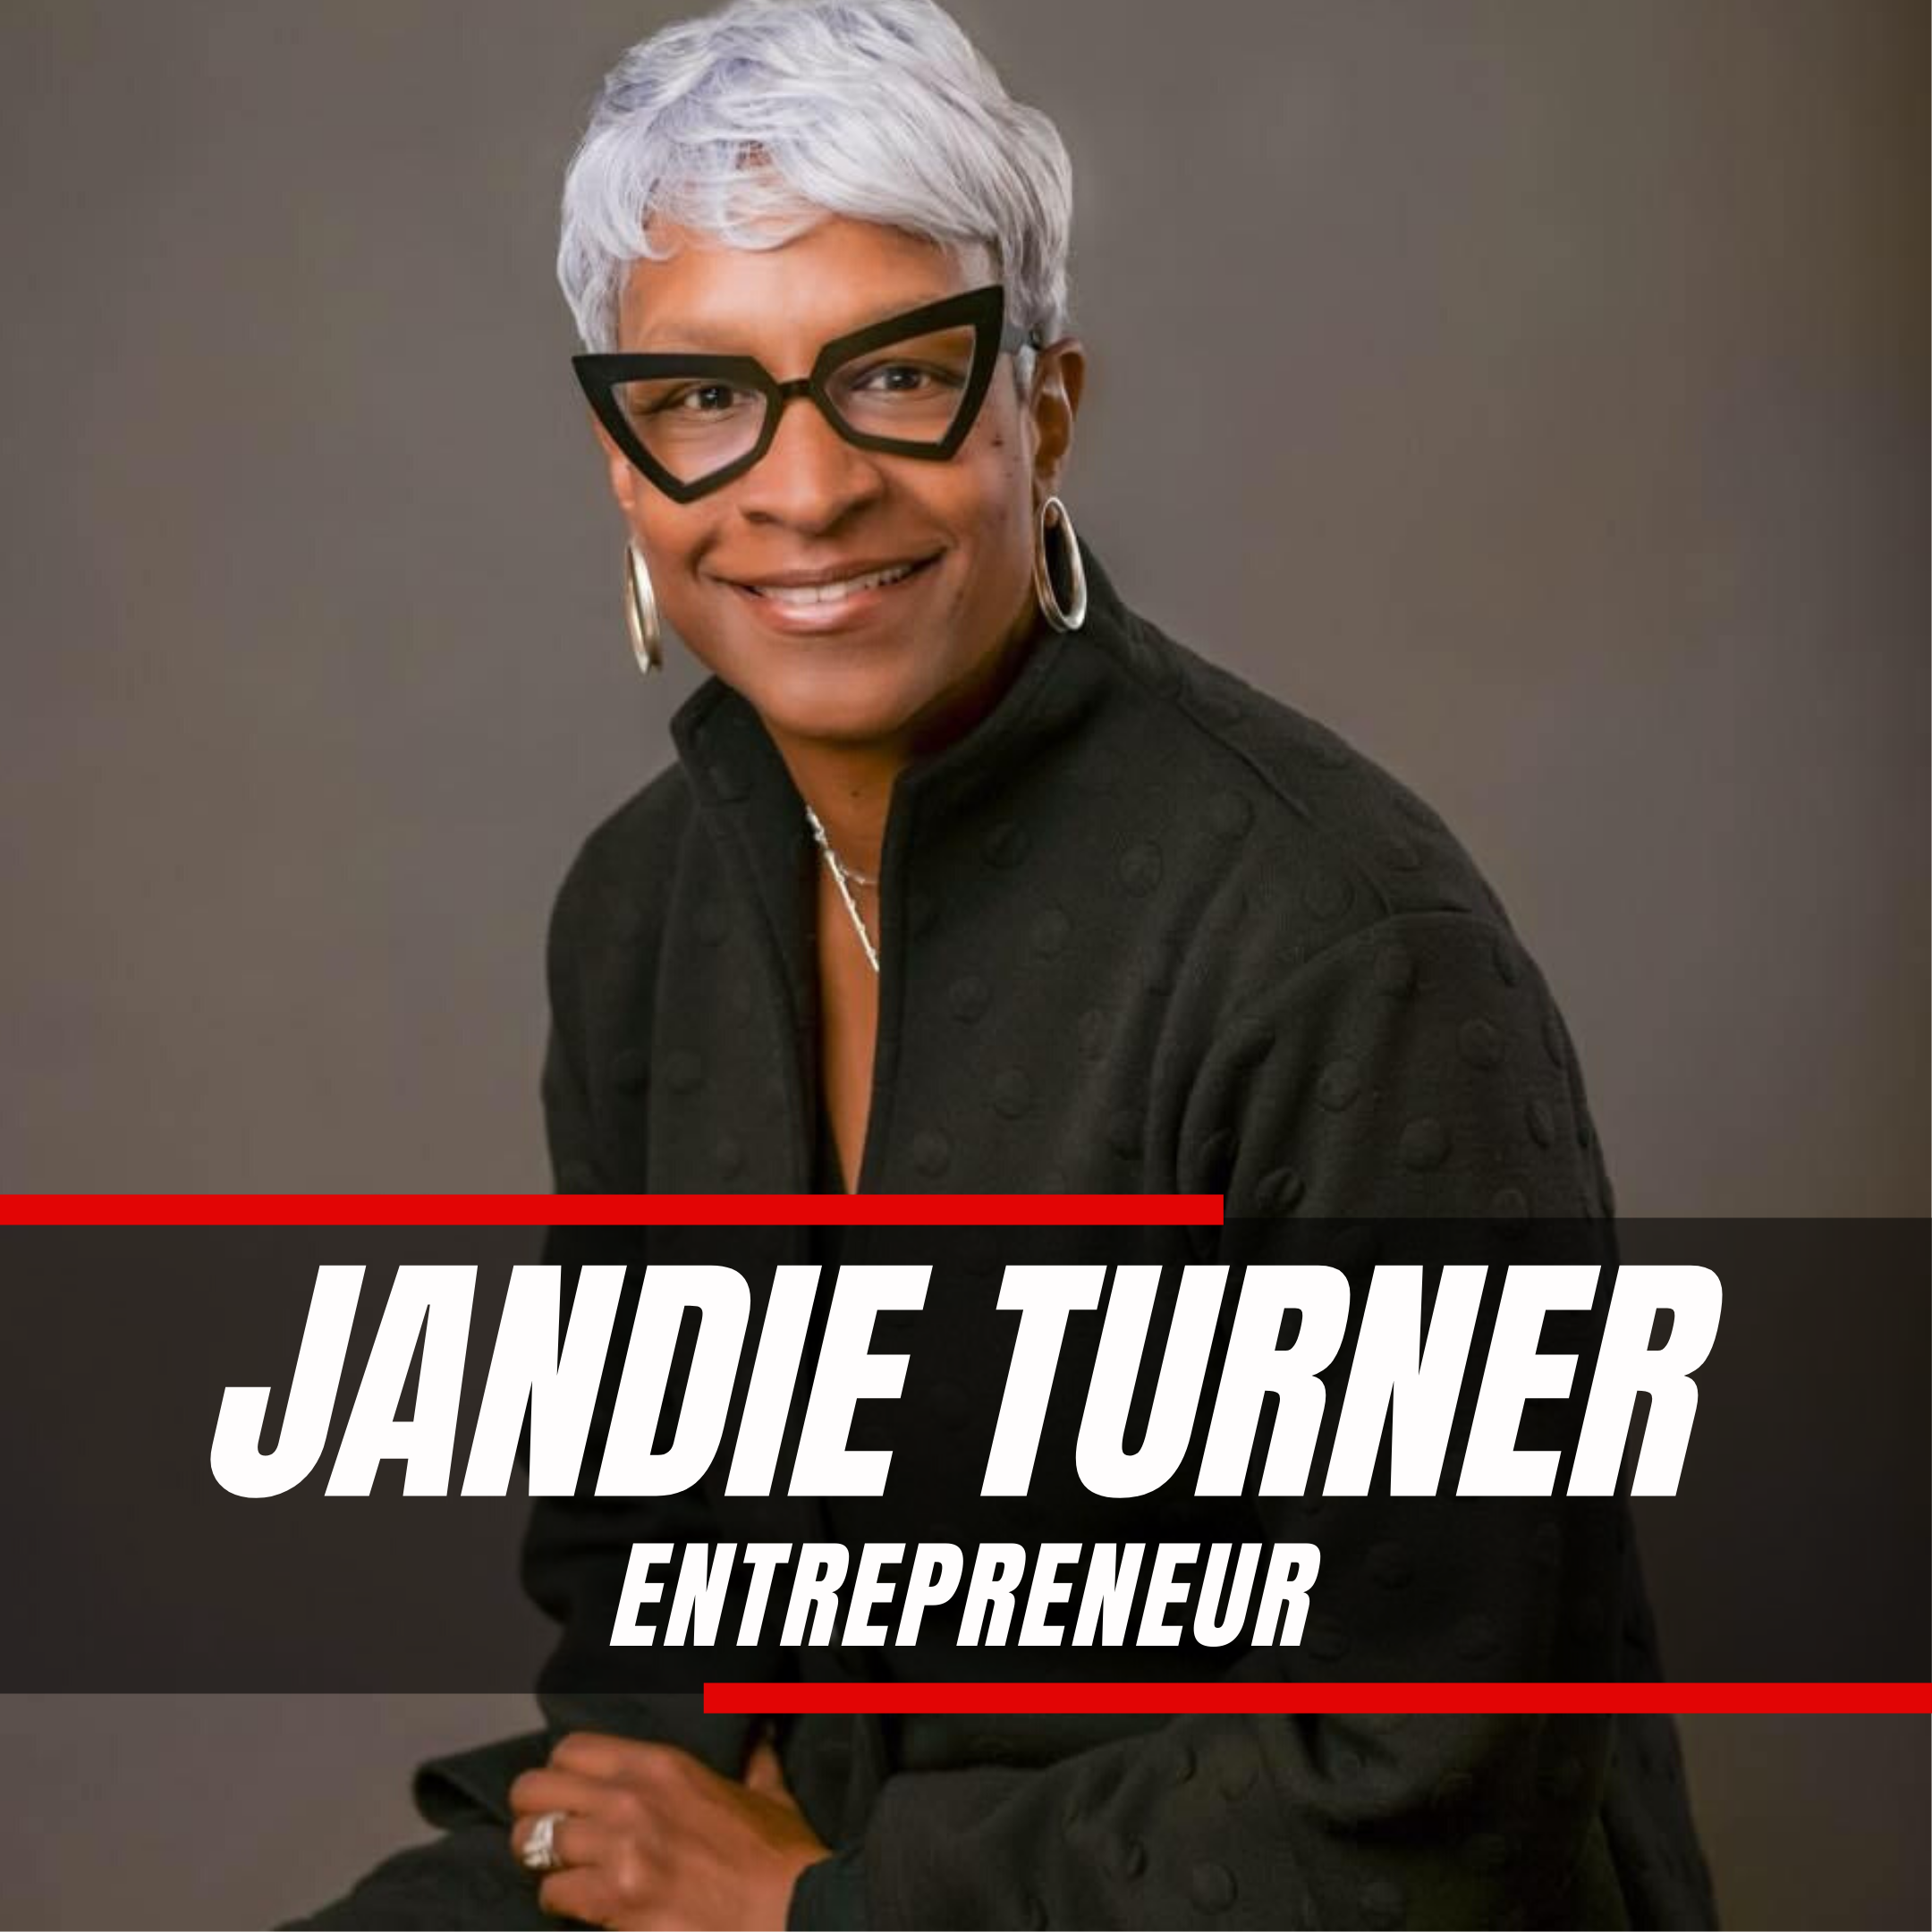 Jandie Turner